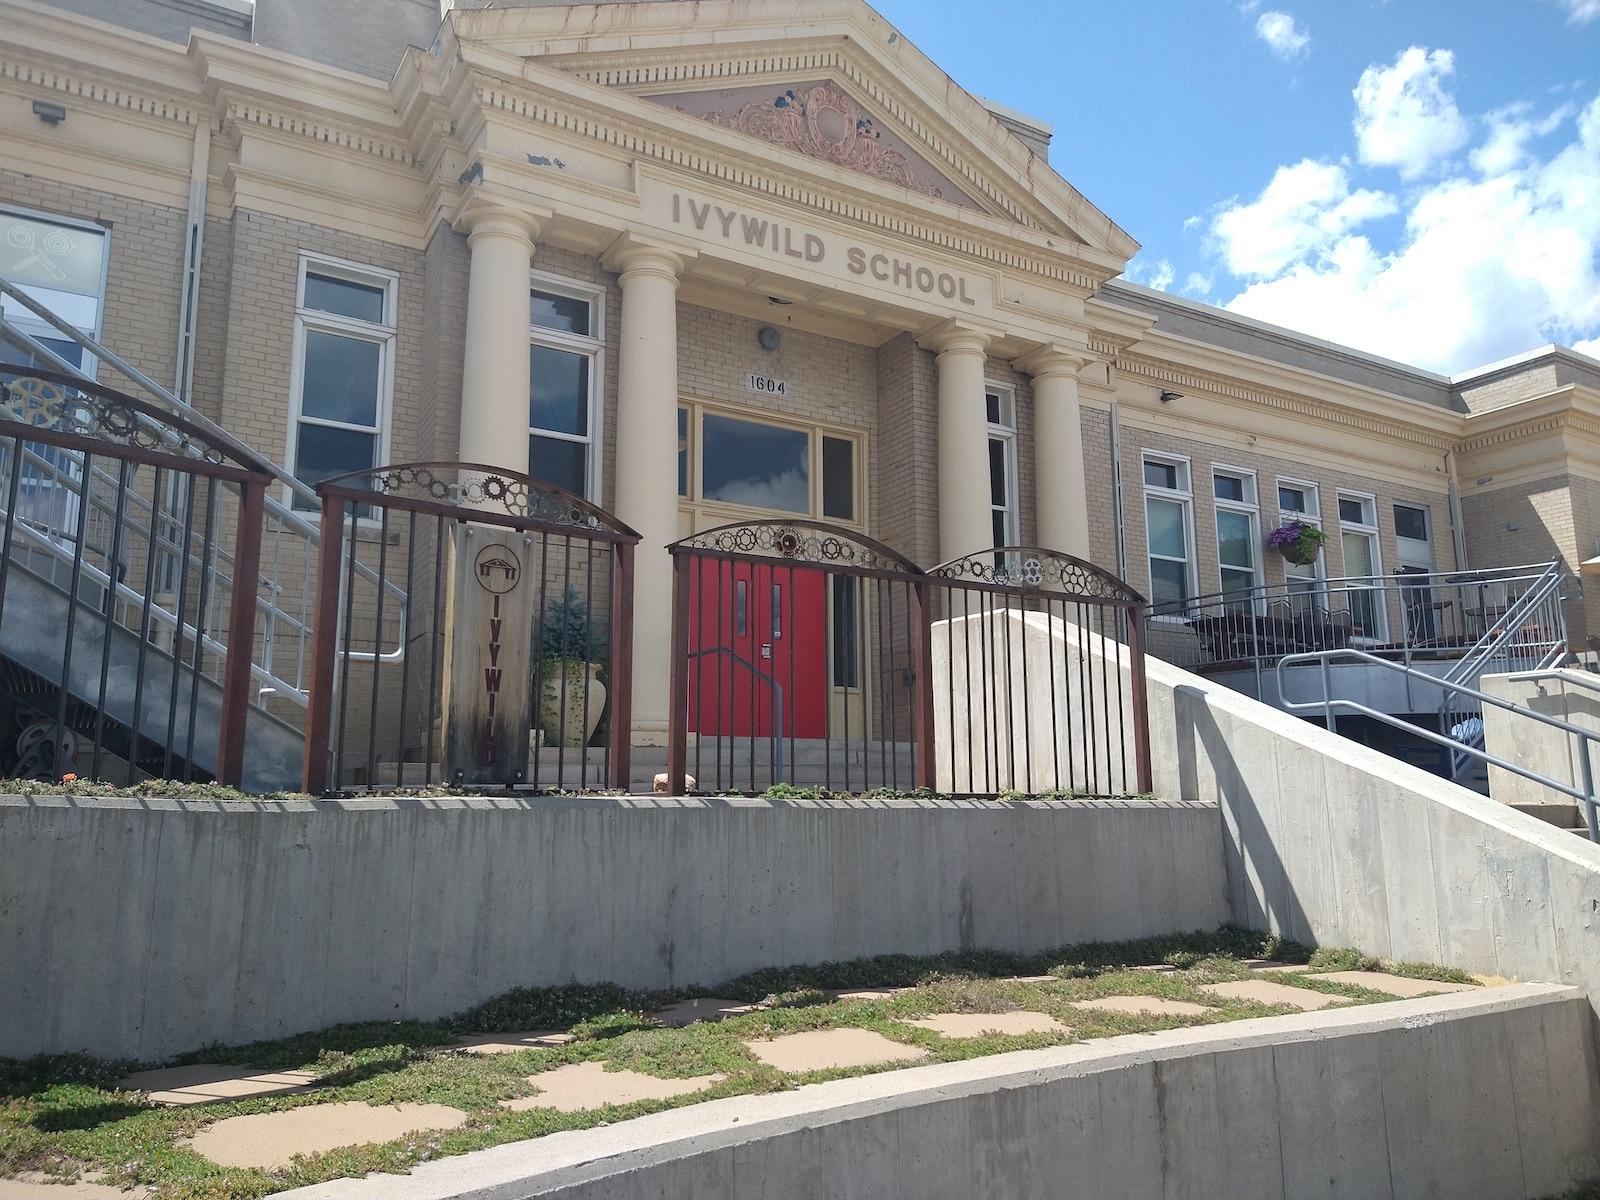 Ivywild School Bar Colorado Springs